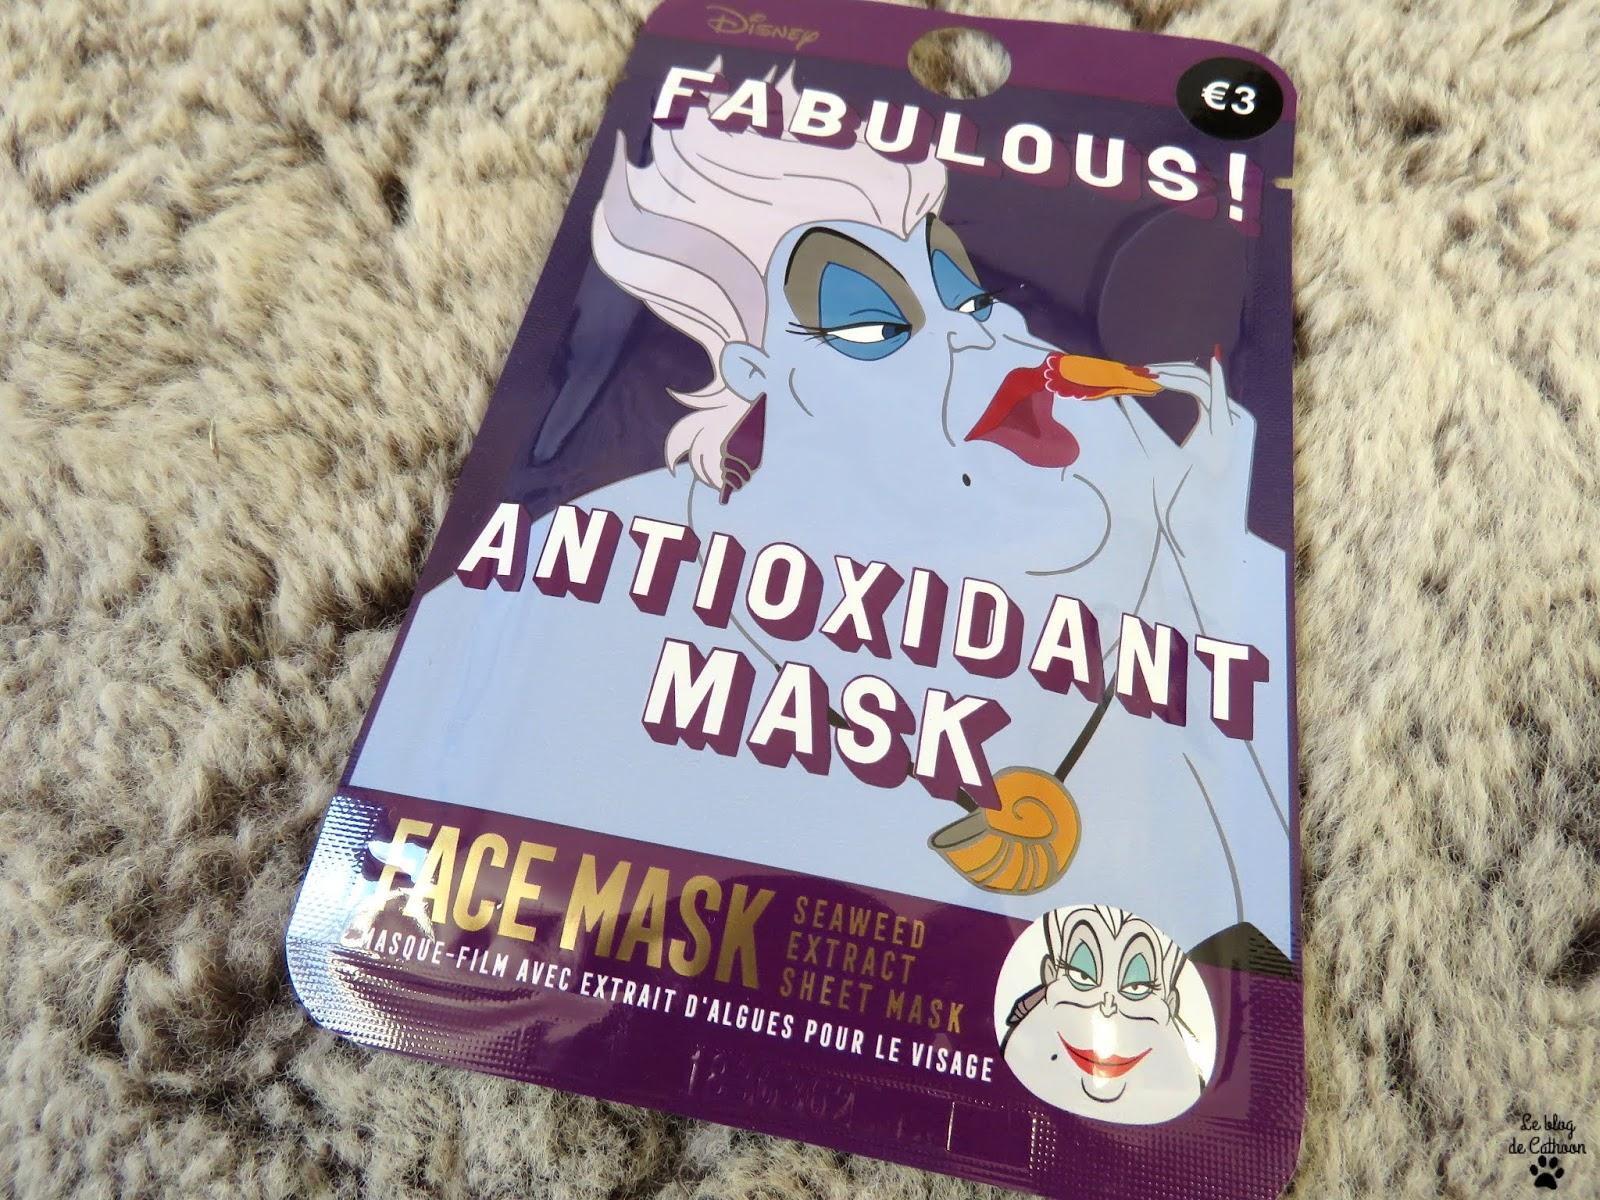 Face Mask - Antioxidant Mask - Extrait d'Algues - Primark